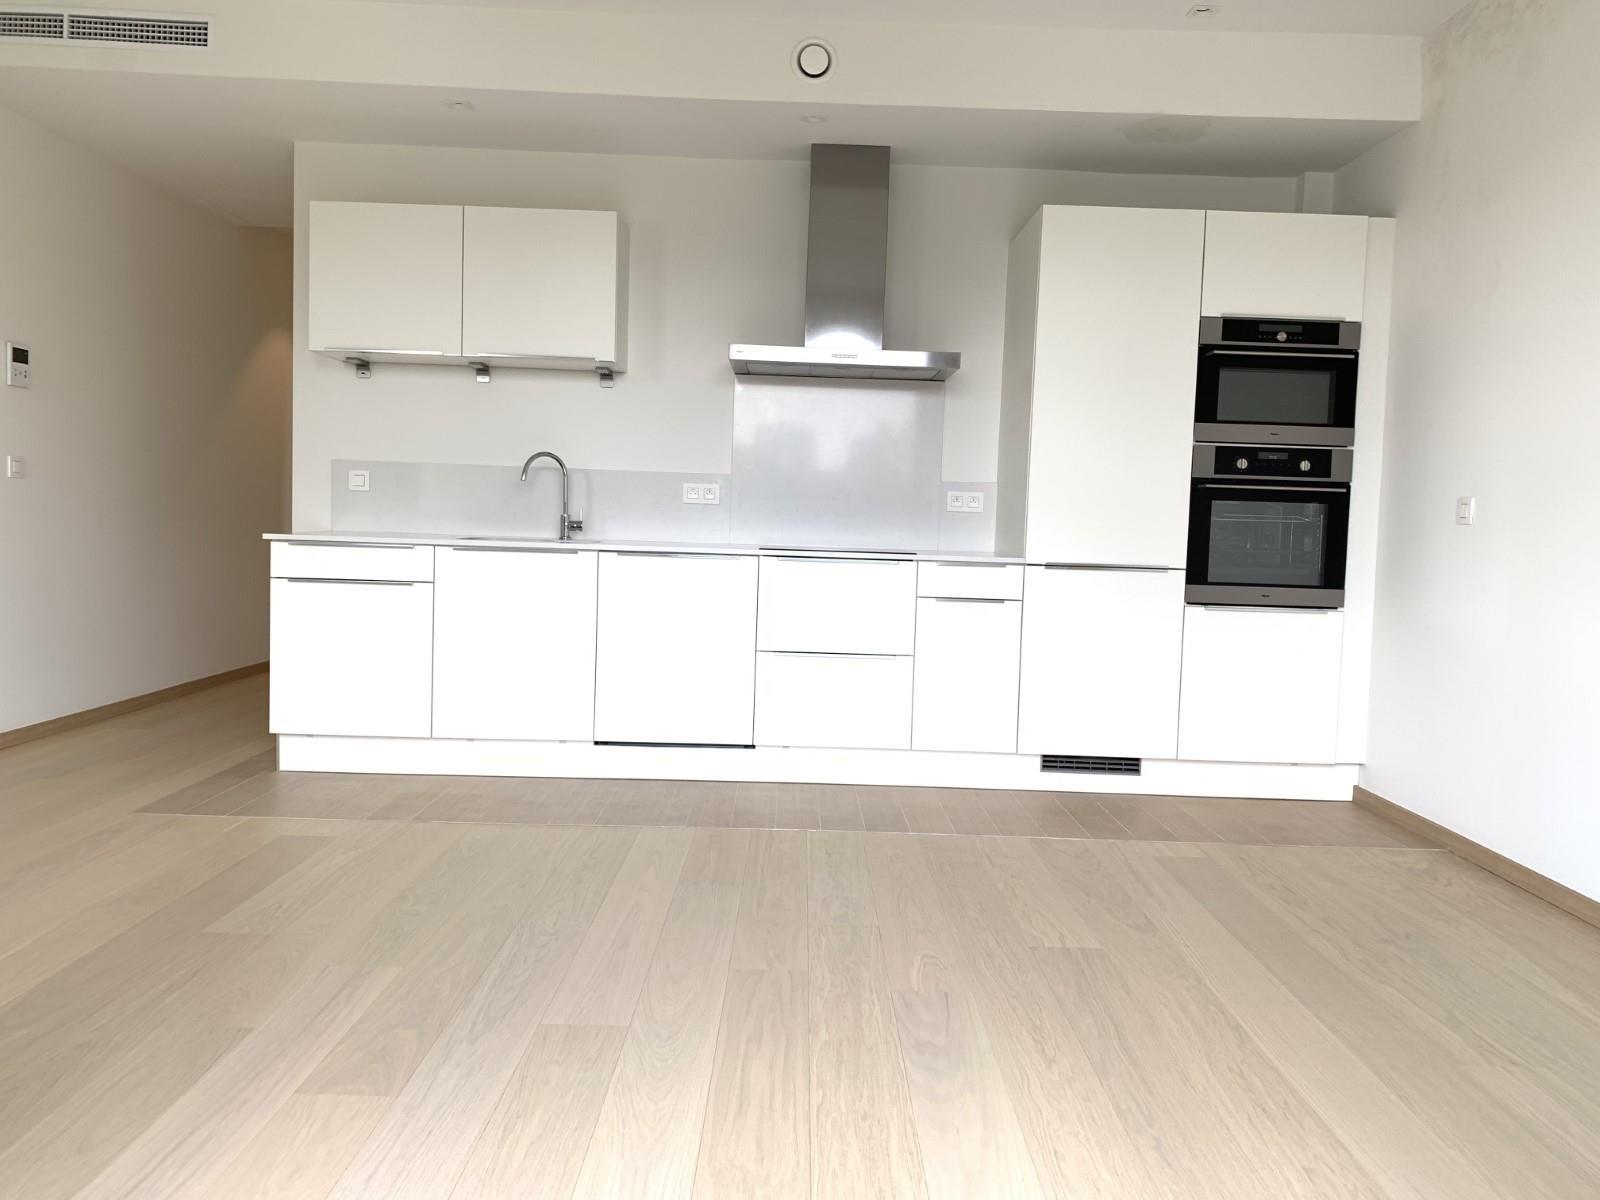 Appartement exceptionnel - Ixelles - #3965099-2